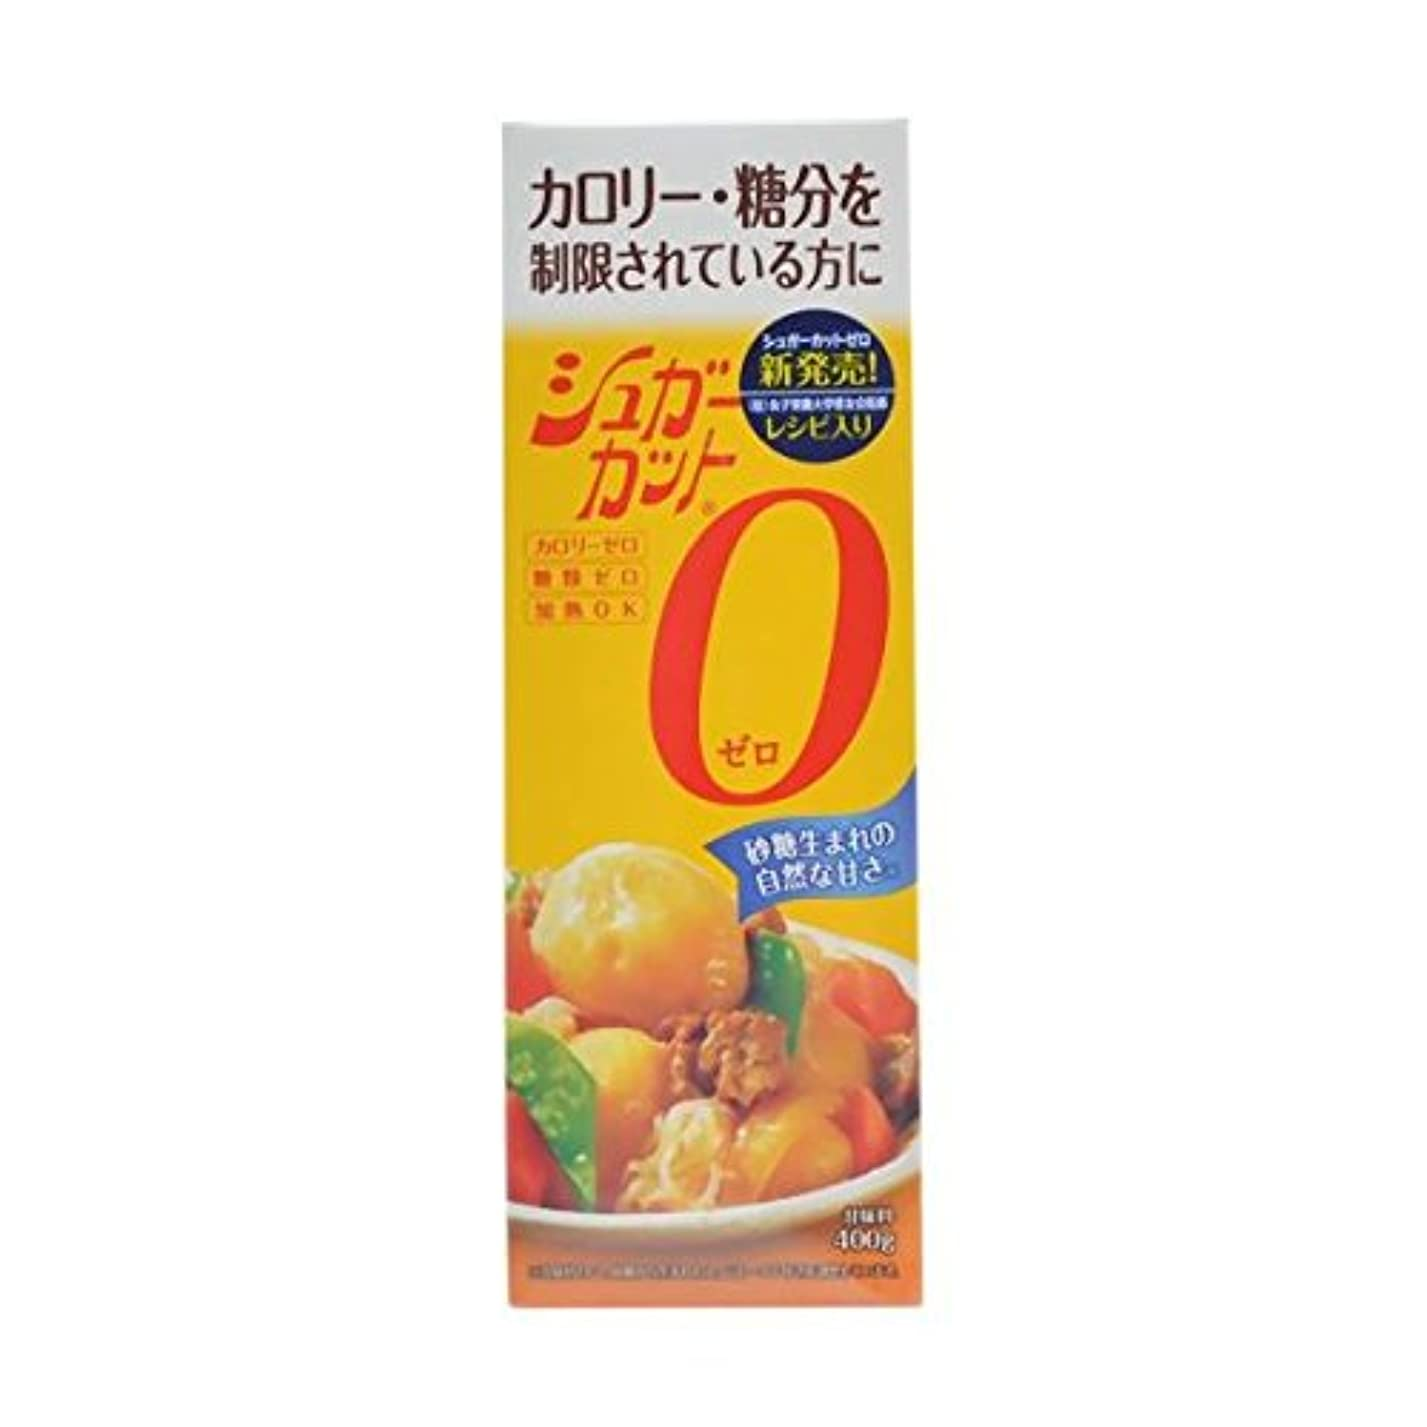 王朝おっとピジン浅田飴 シュガーカットゼロ 400g【2個セット】